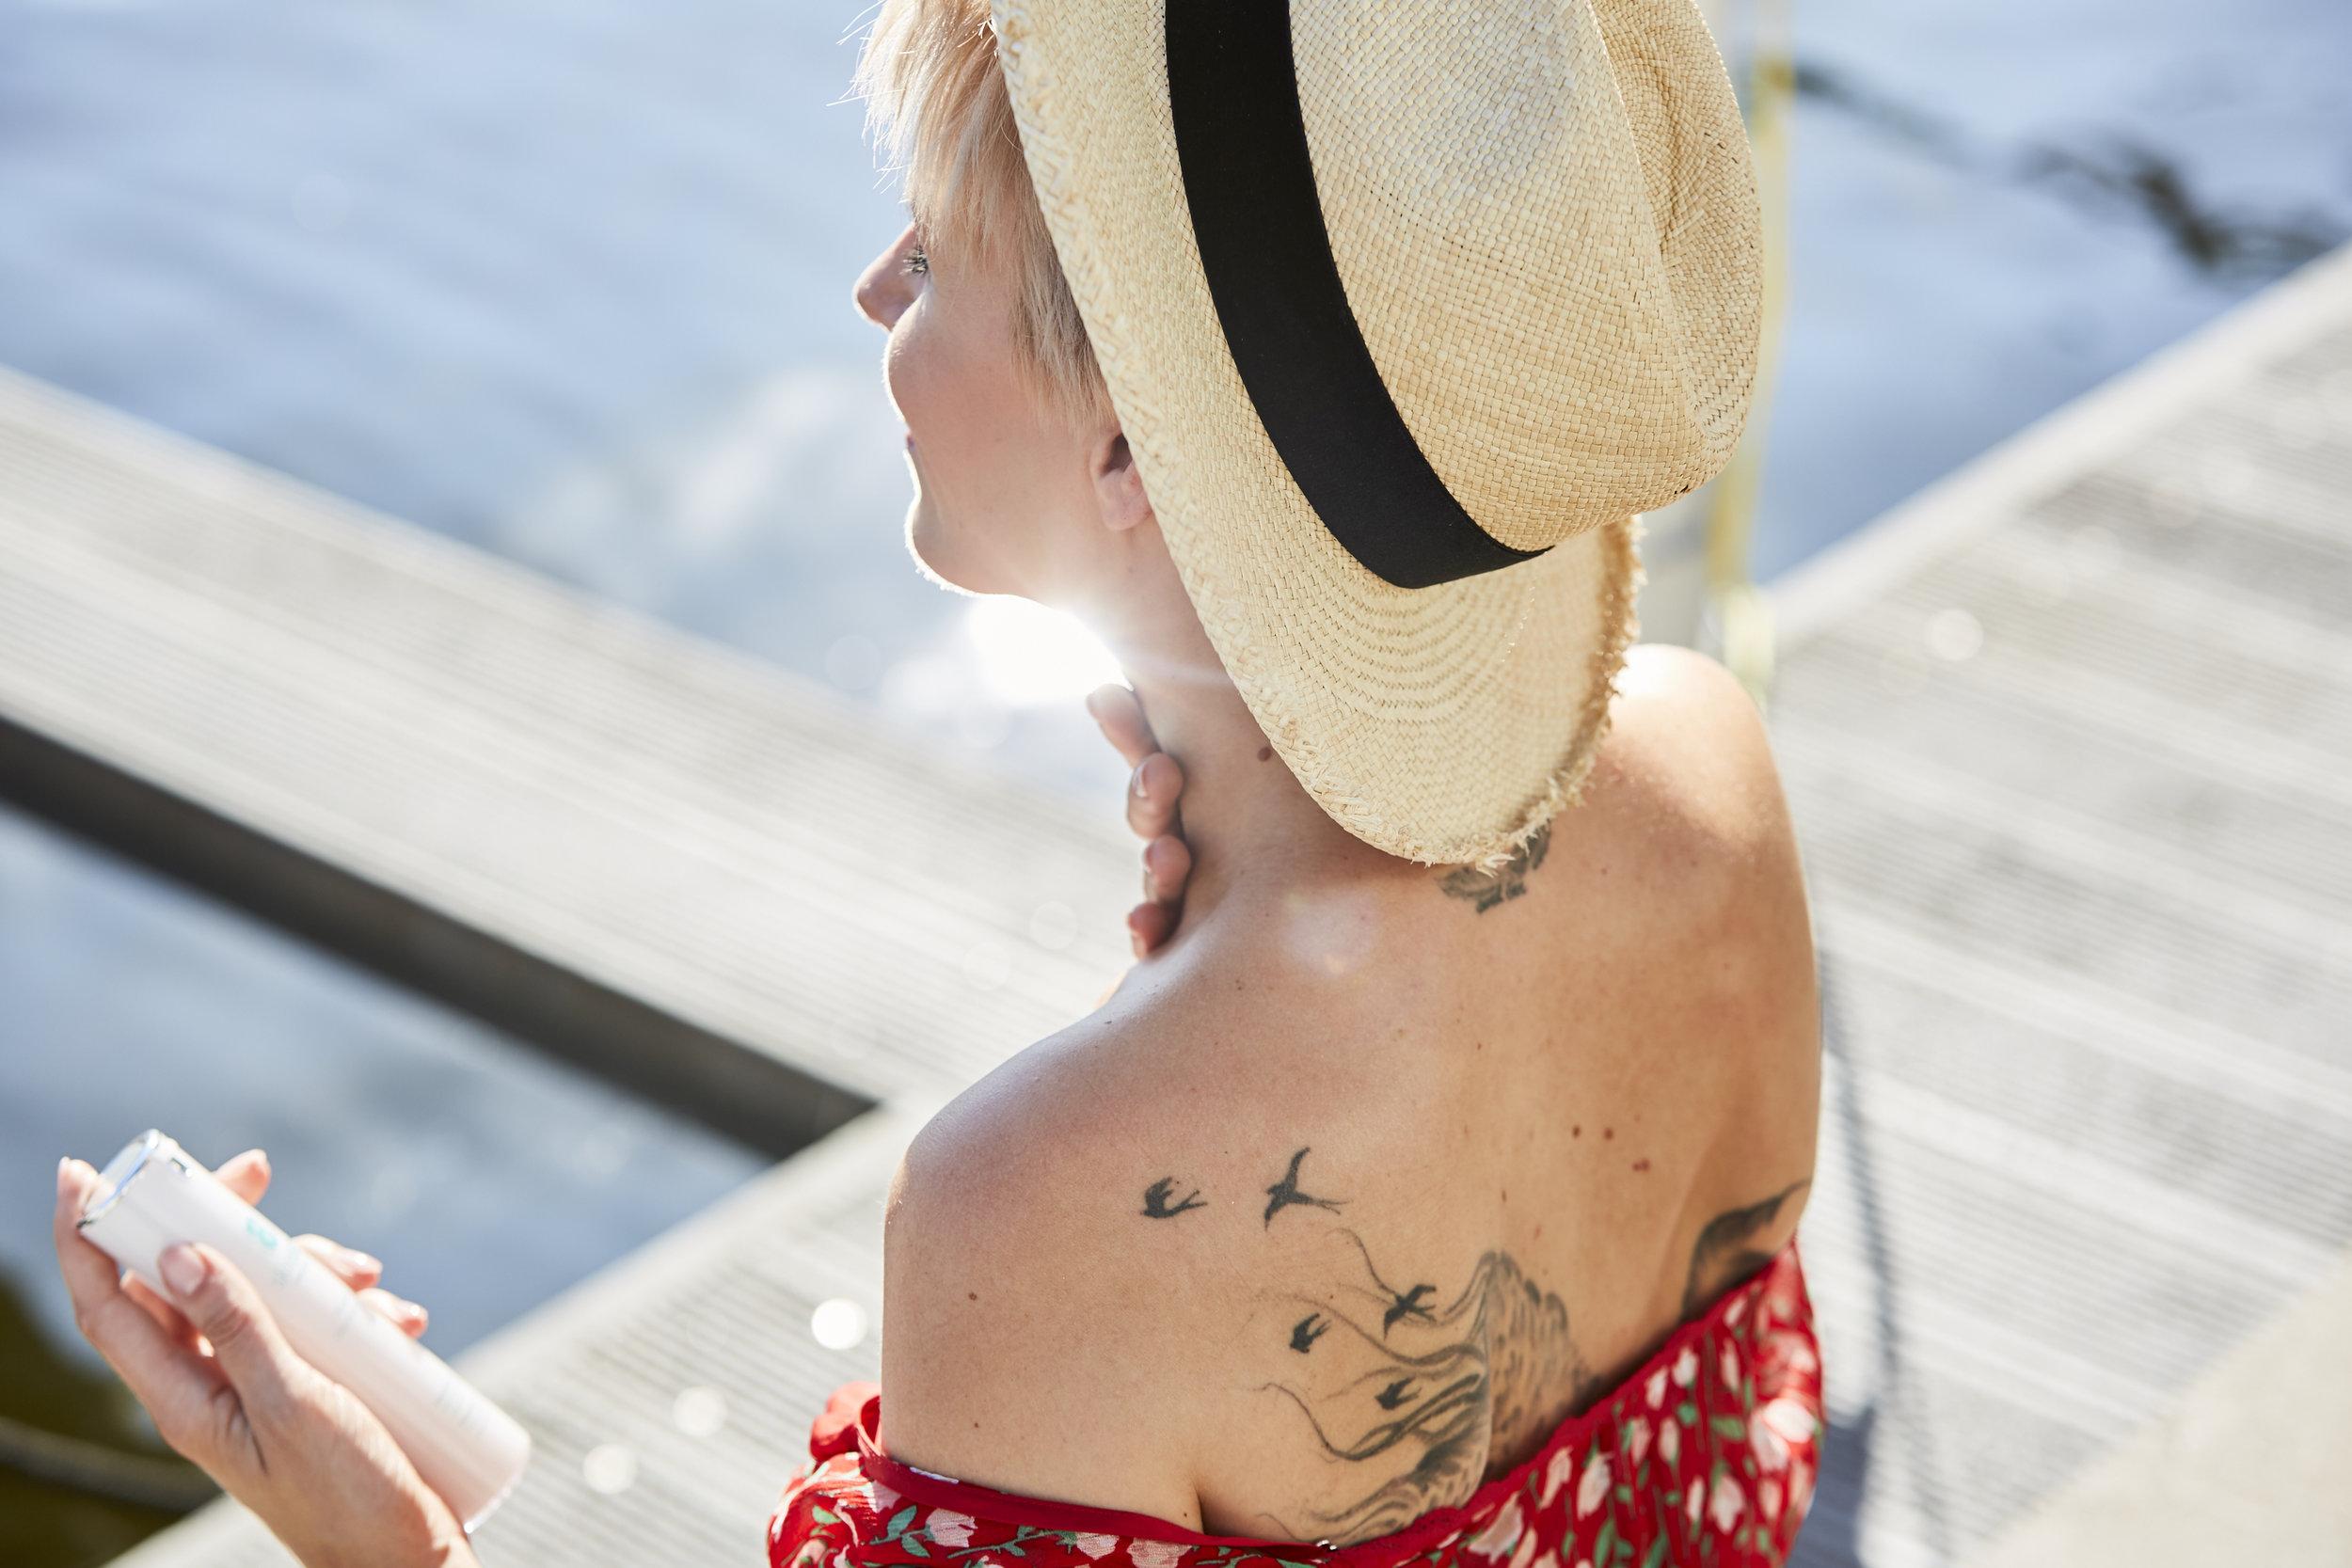 Summer_skin689_Decolettee.jpg